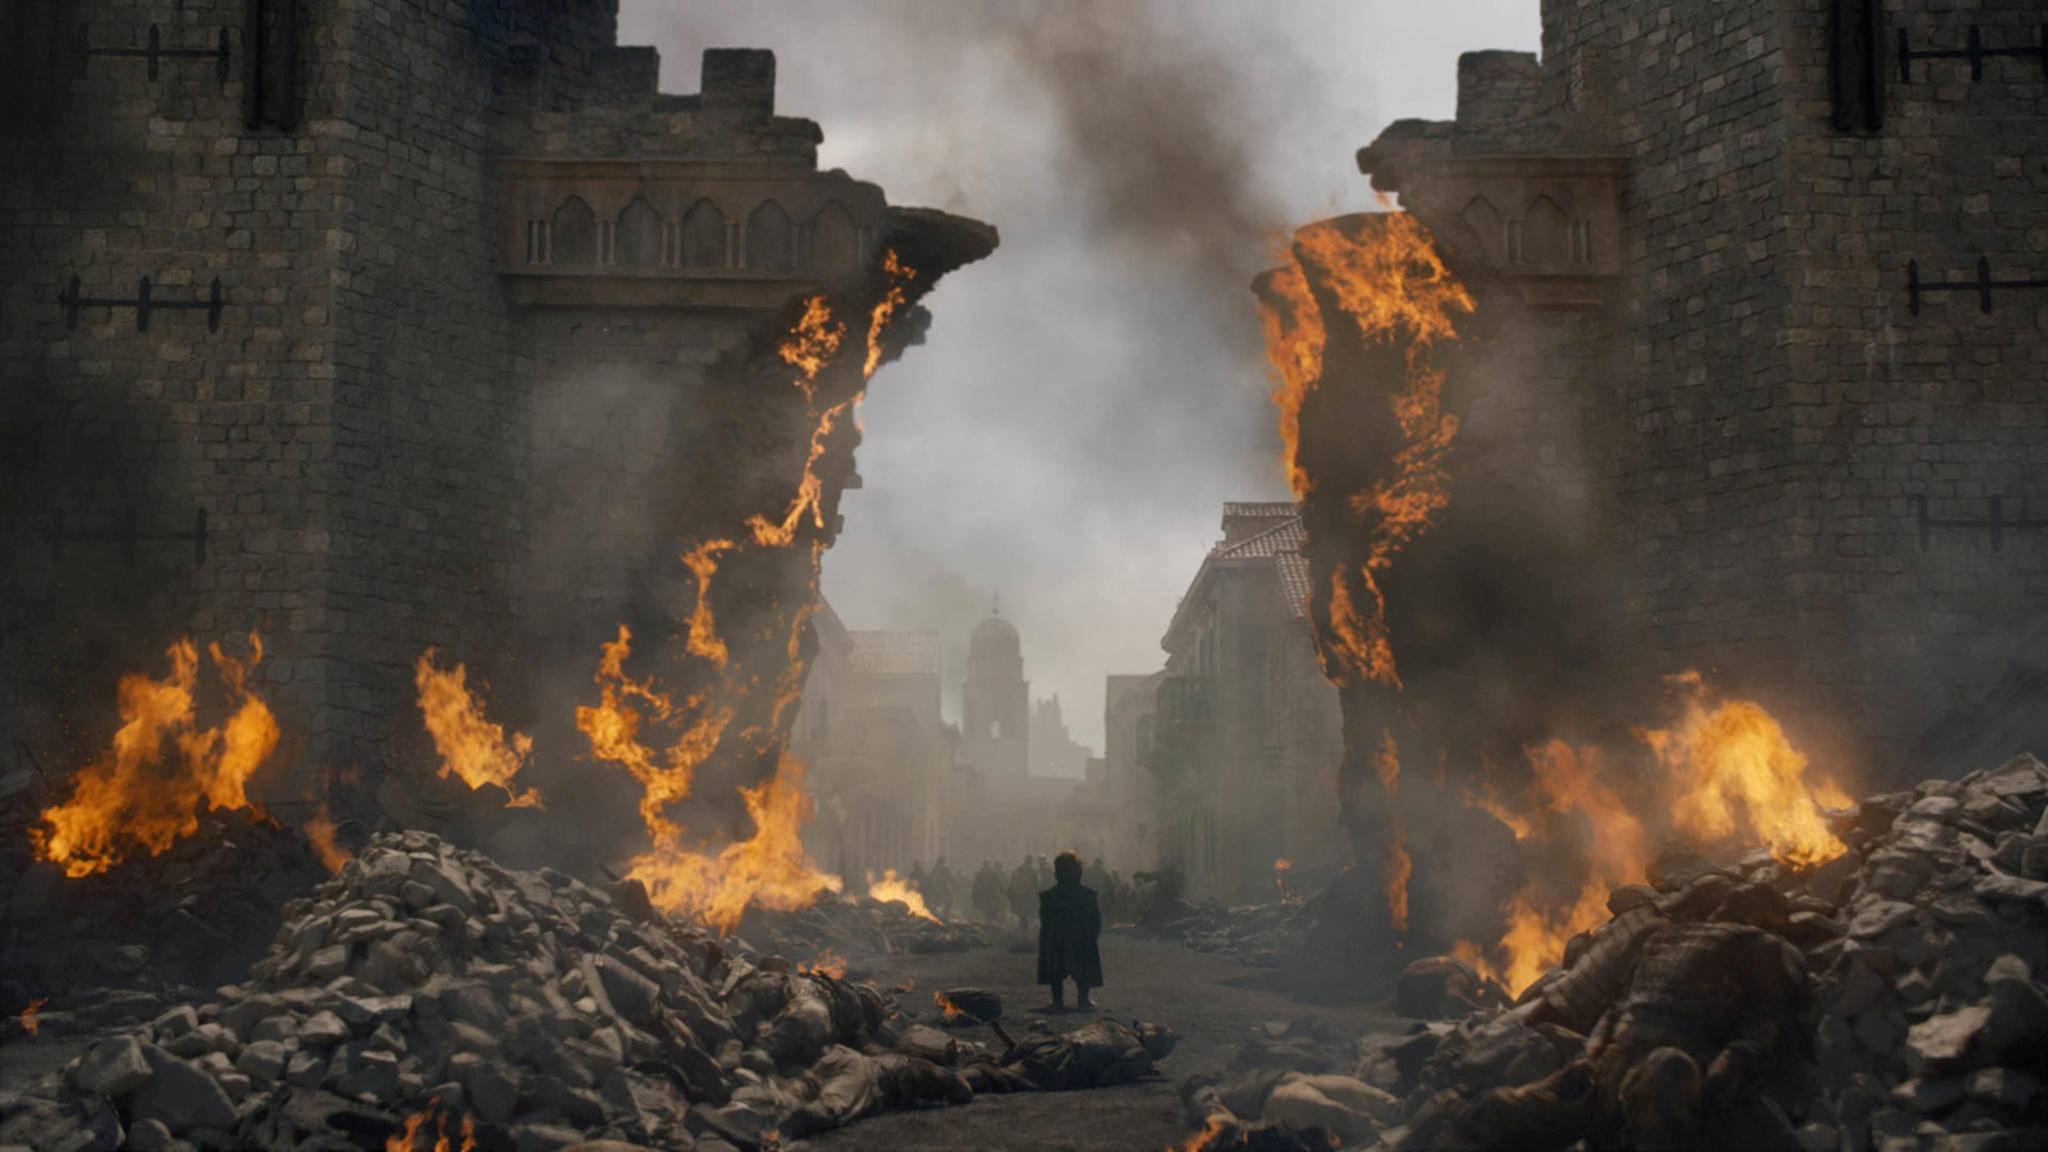 """Für viele """"Game of Thrones"""" ist Staffel 8 offenbar eine Katastrophe."""